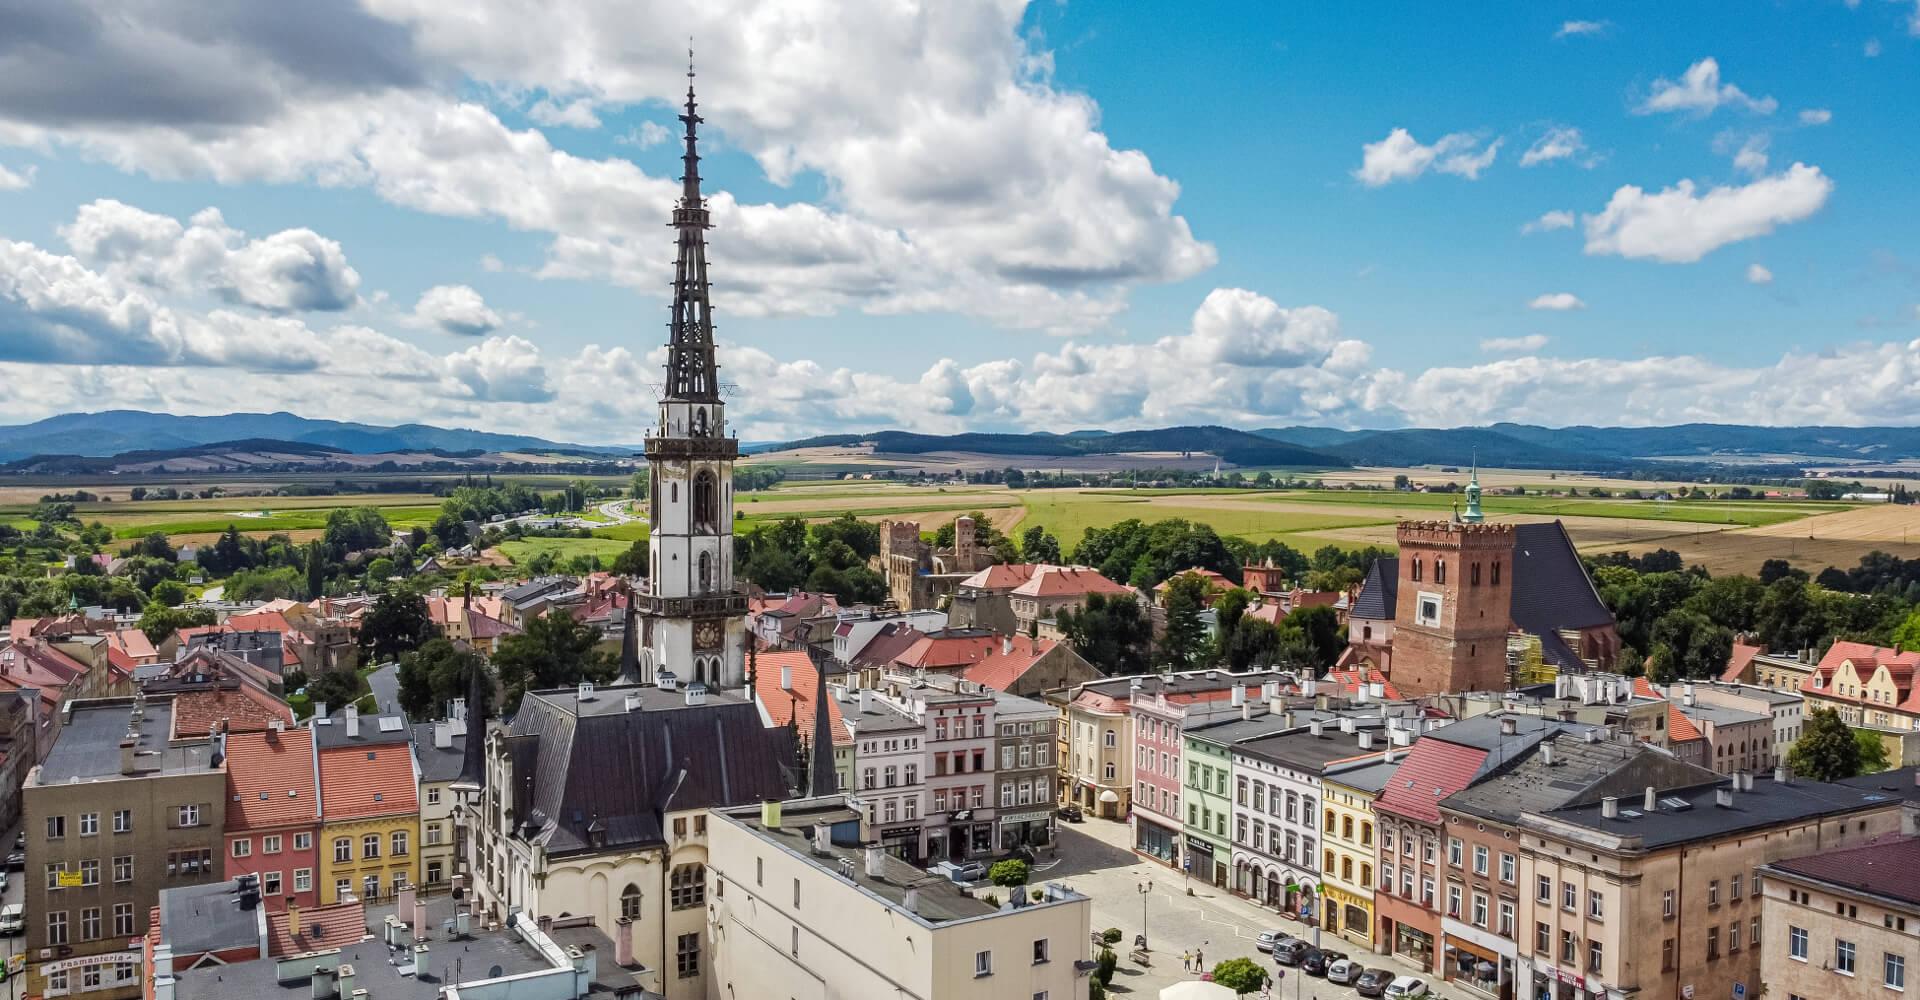 Zwiedzamy Ząbkowice Śląskie - miasto Krzywej Wieży i tajemnicy z Frankensteinem w tle